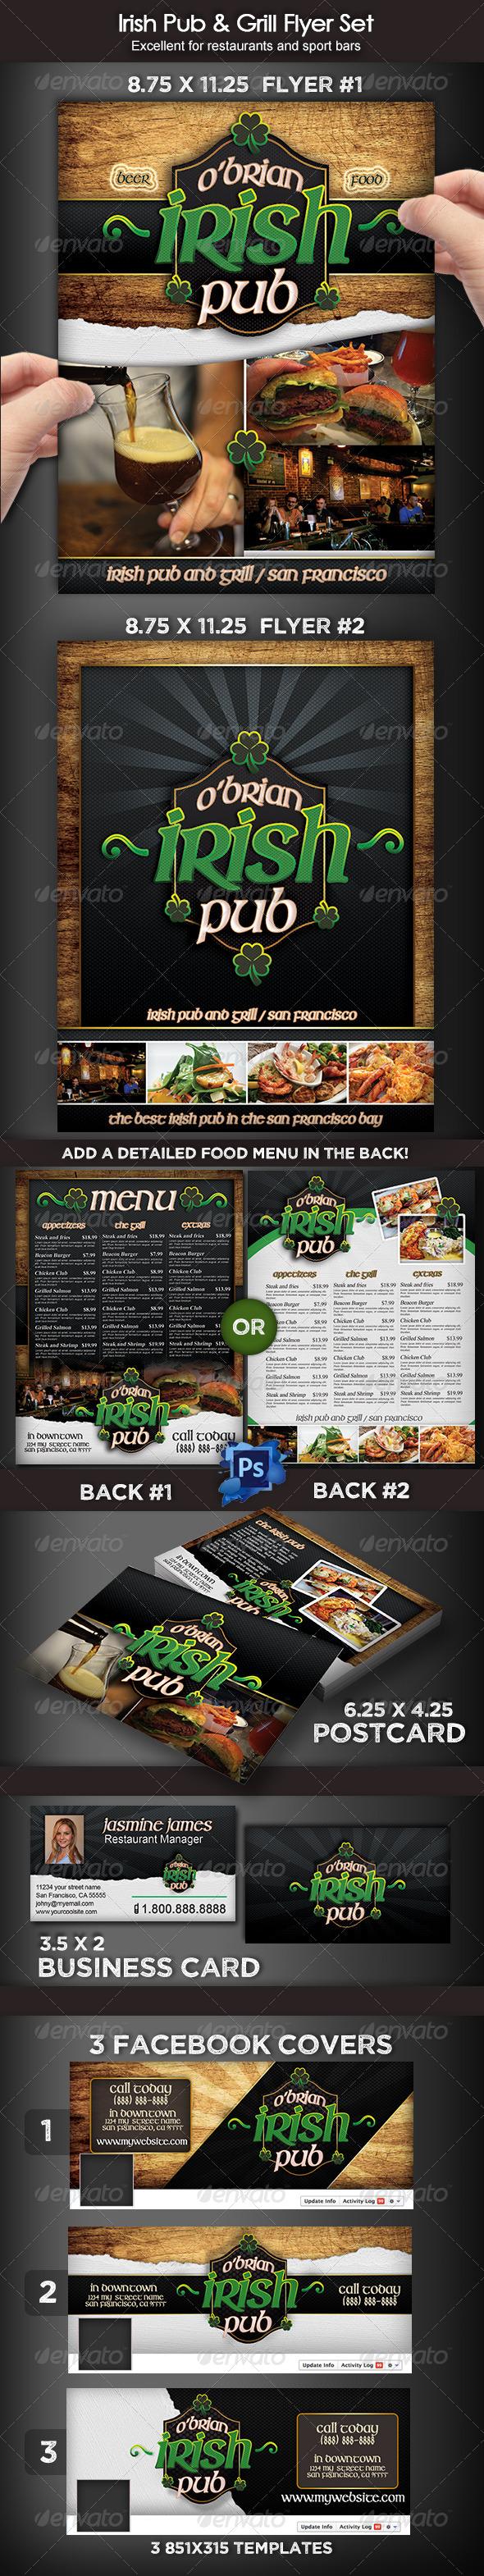 Irish Pub & Grill Flyer Set